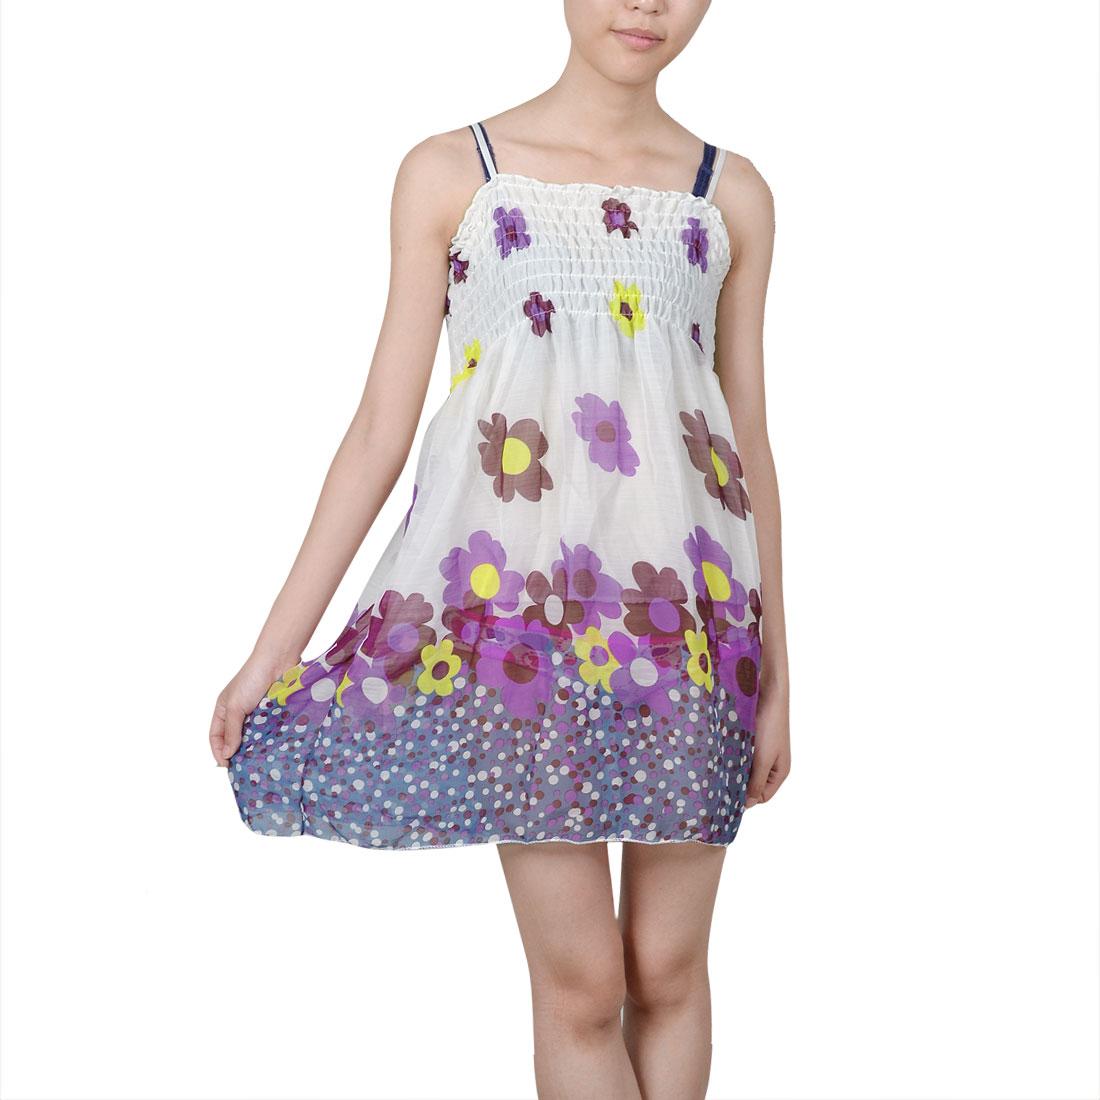 Lady Purple Flower Pattern Spaghetti Straps White Chiffon Dress XS